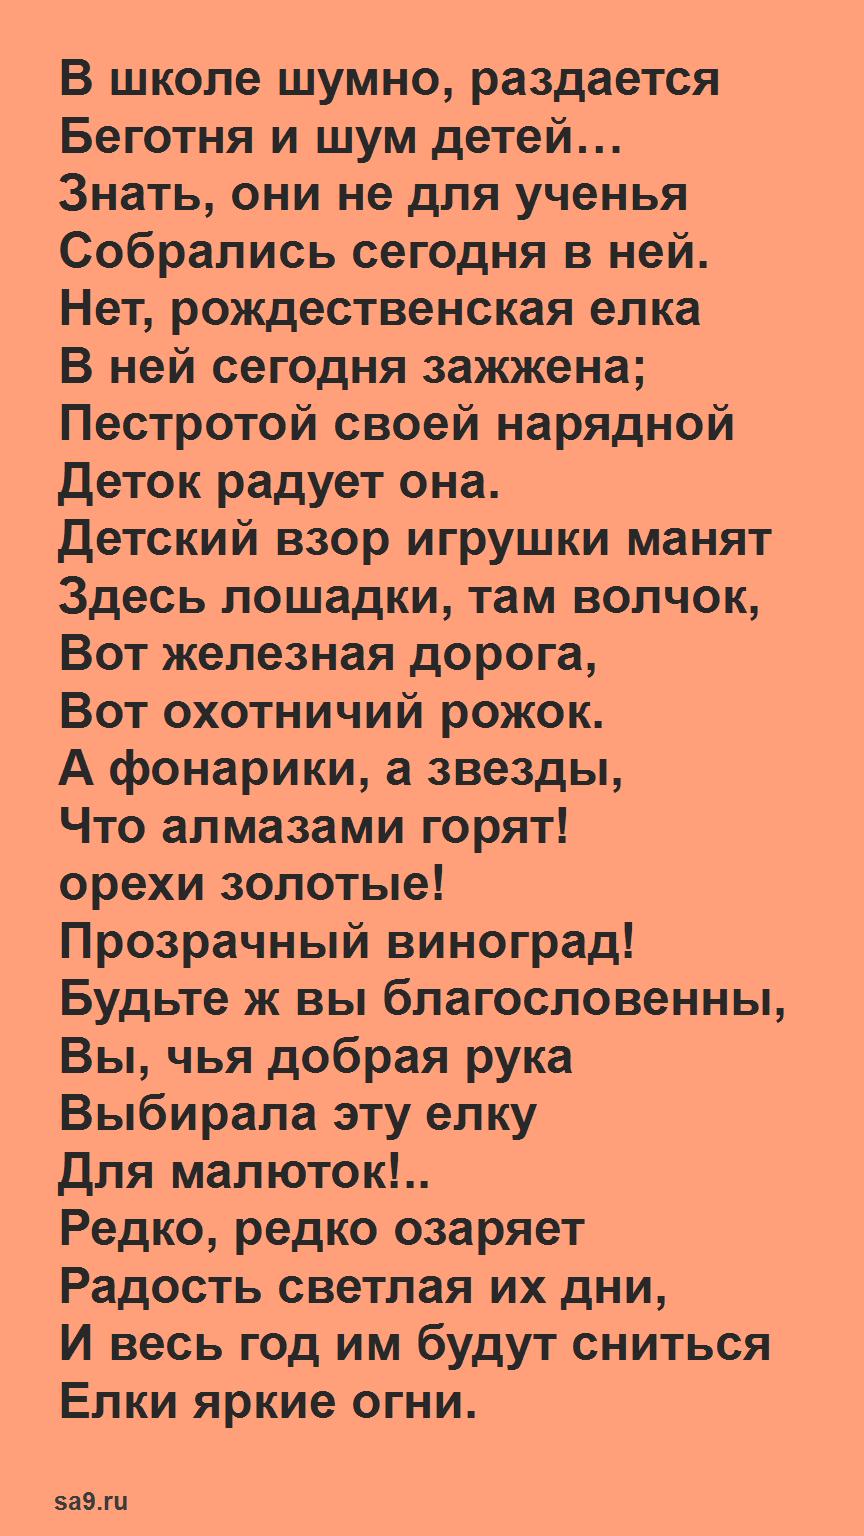 Стихи Плещеева для детей - Елка в школе